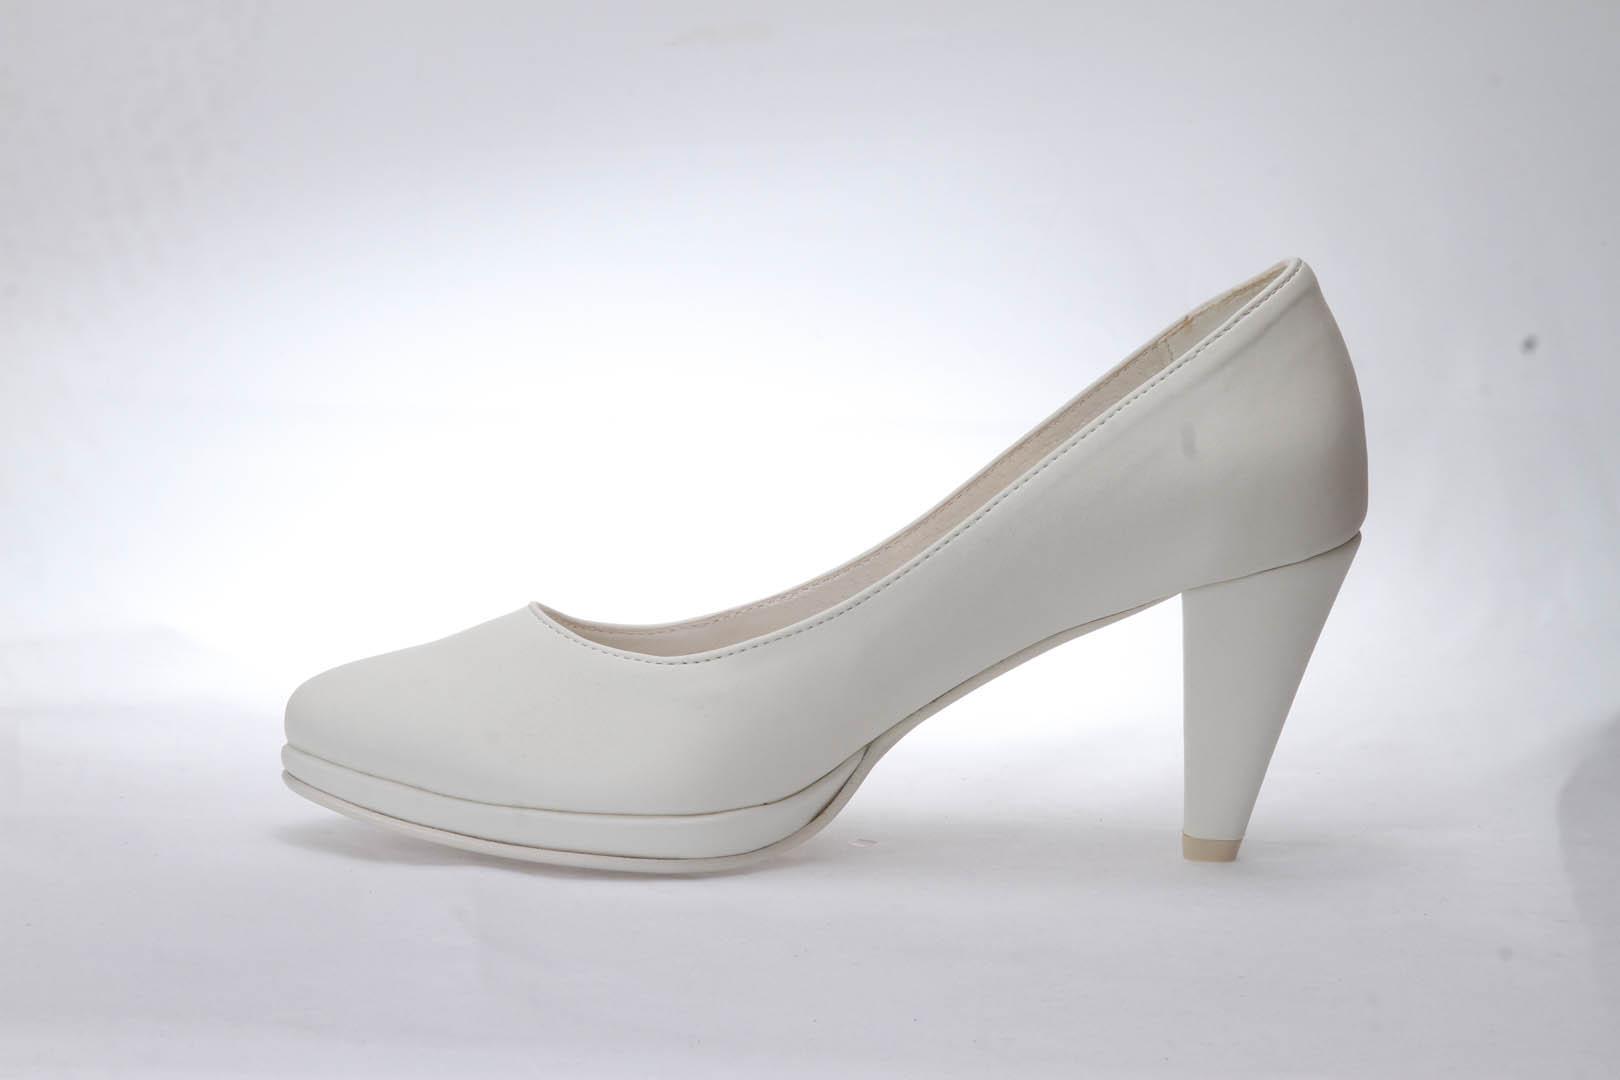 d36f81b4198 ... Svatební boty GRAF 1308 - Satyna ivory